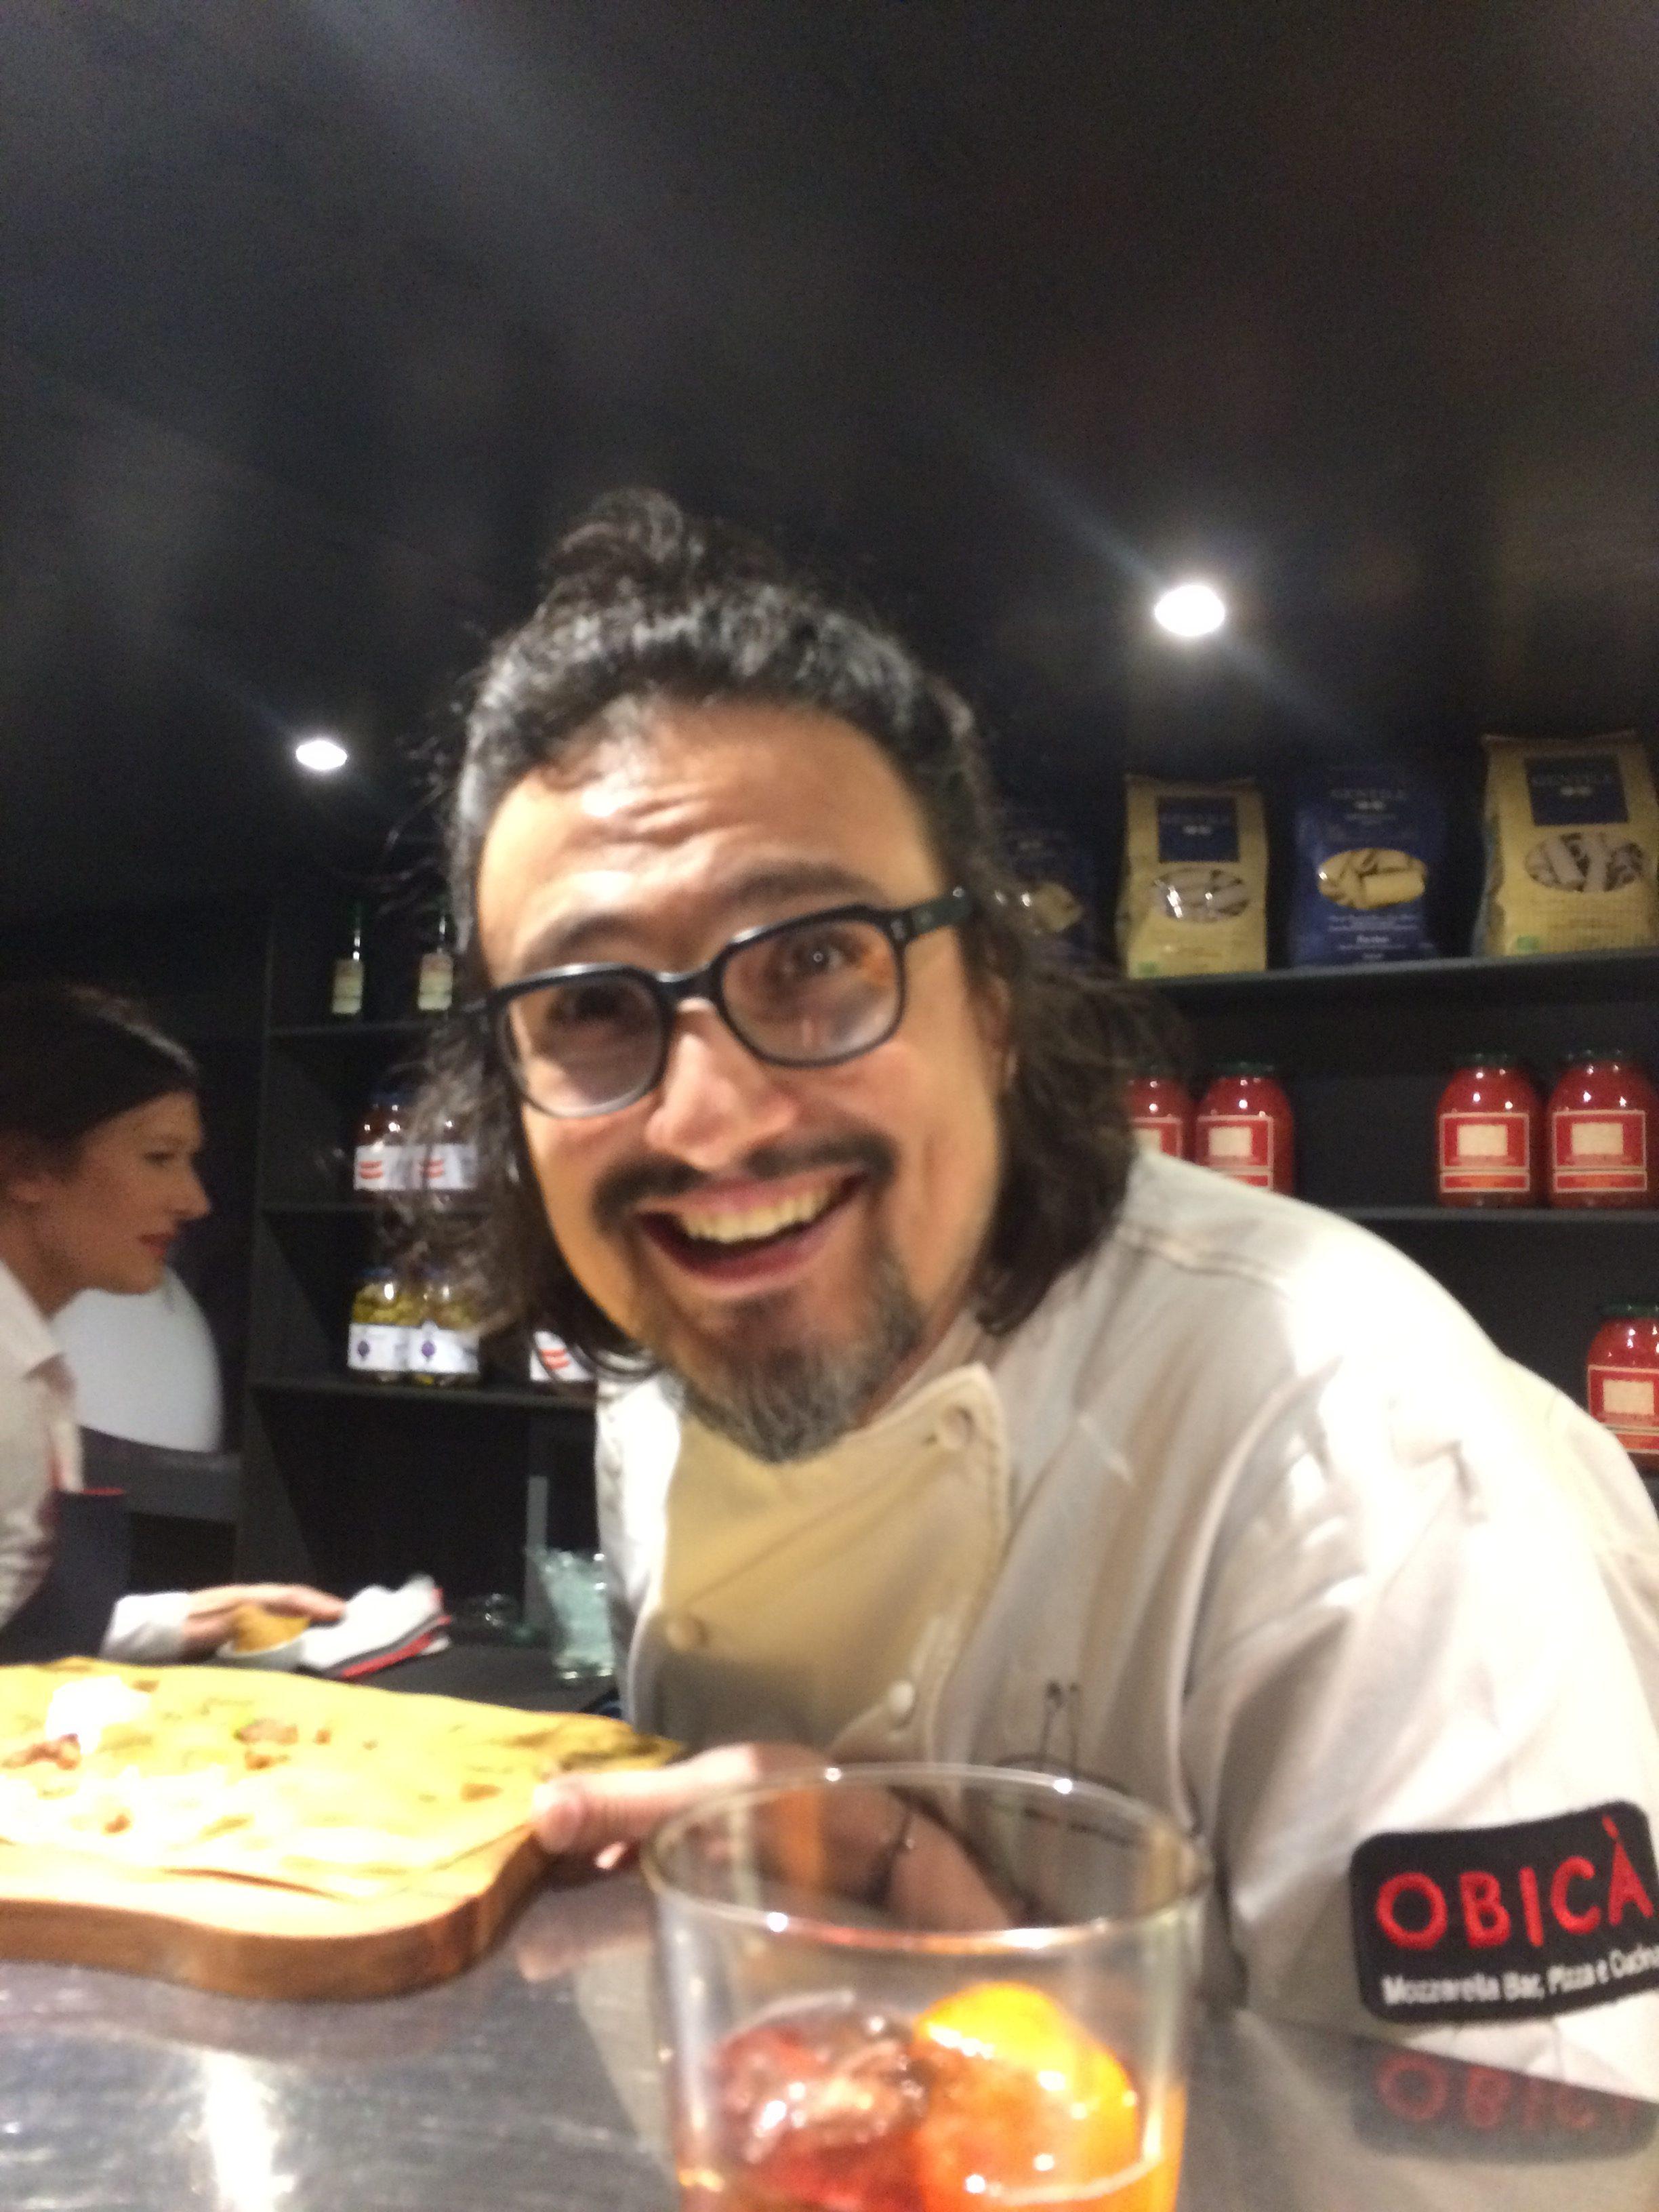 Alessandro borghese il nuovo ristorante a milano e l for Borghese ristorante milano